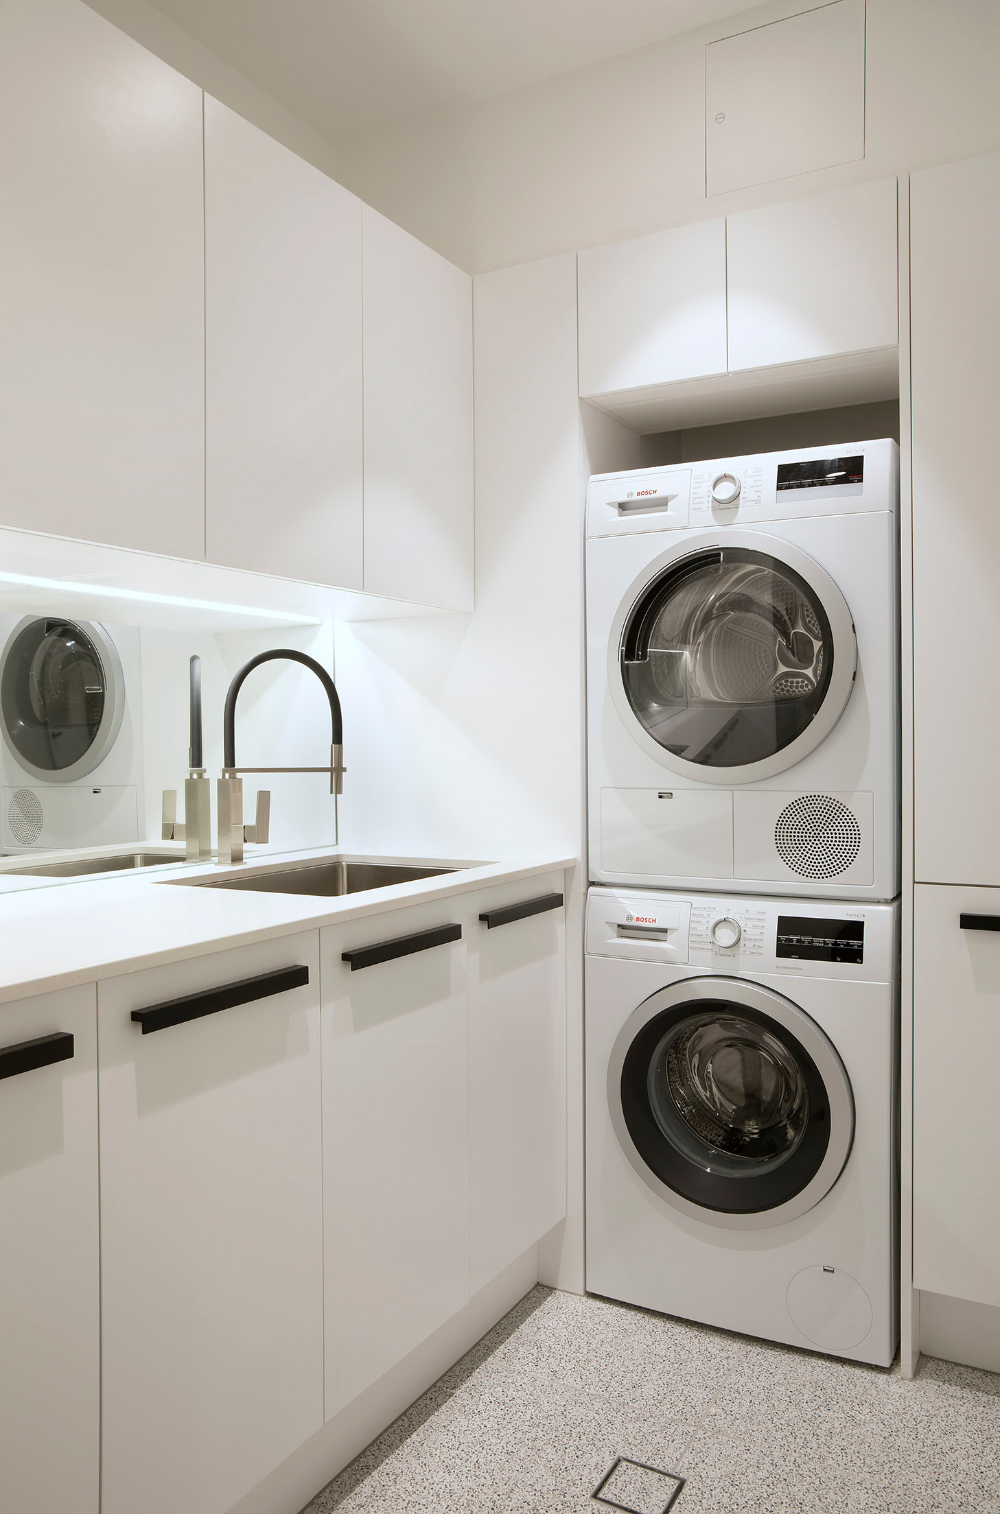 Machine À Laver Et Sèche Linge Intégré Épinglé par lola lm sur salle de lavage en 2020 | lavage